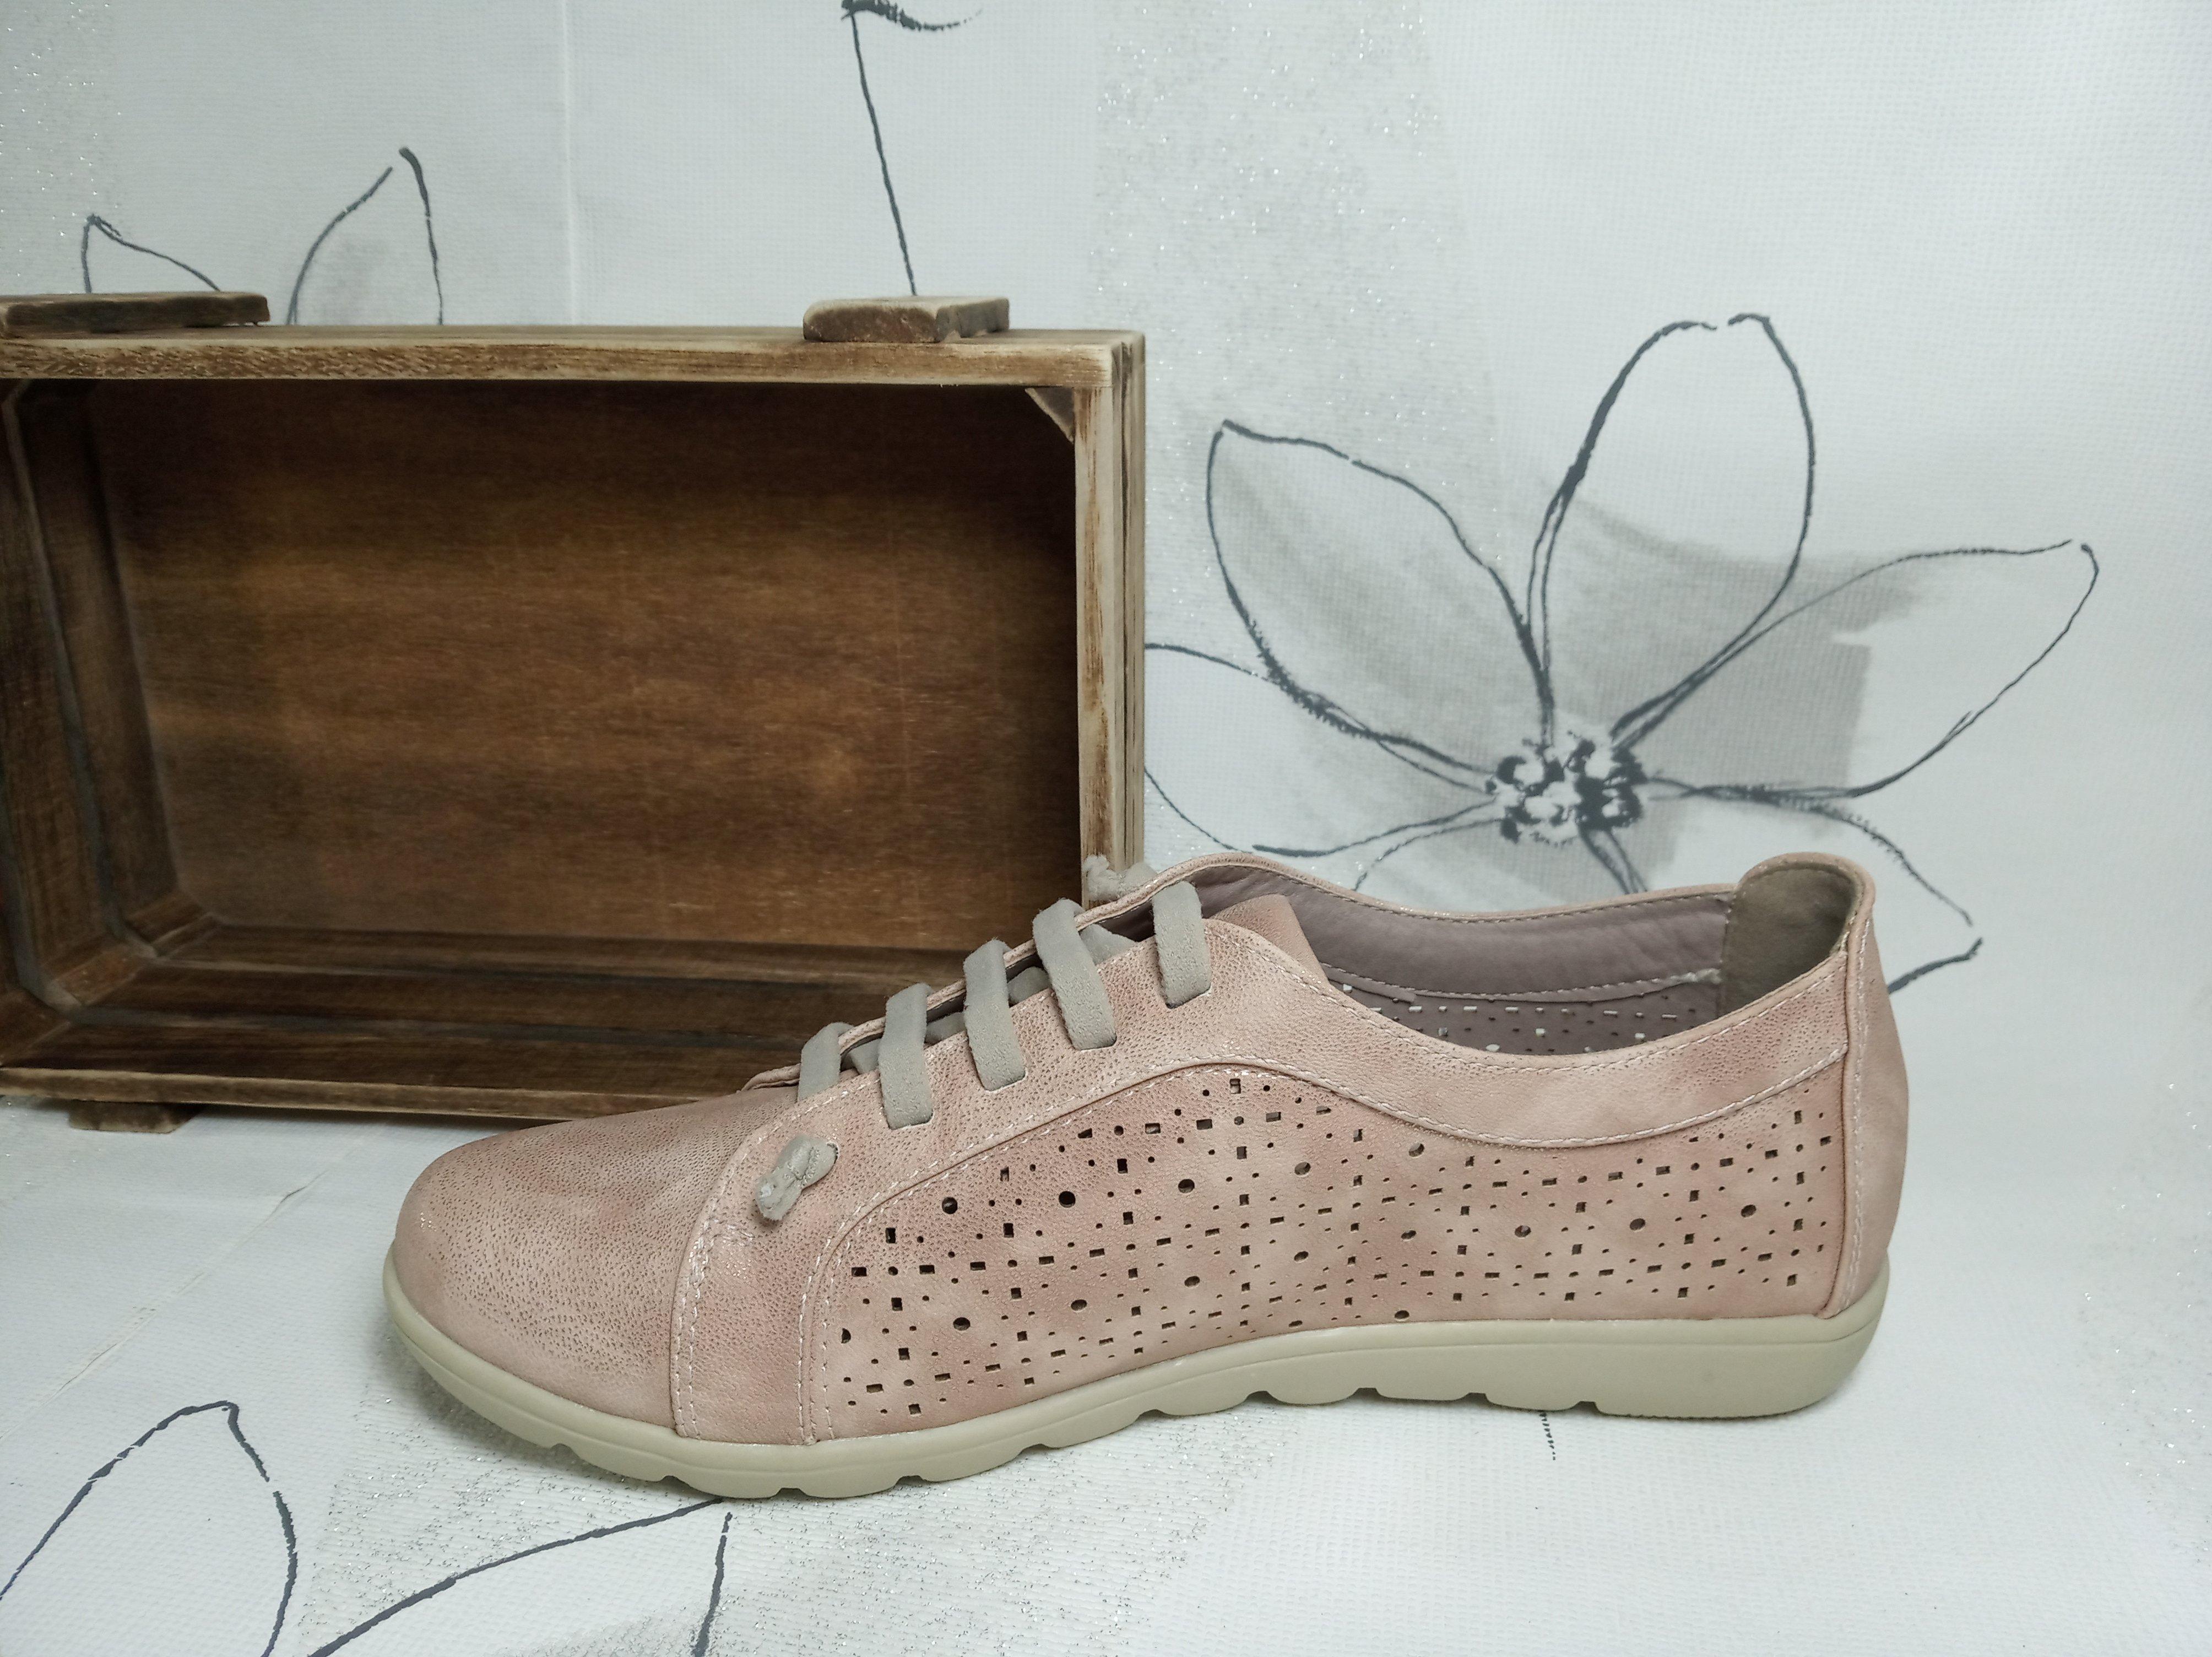 Zapatillas planas de mujer con suela acolchada -Rosa